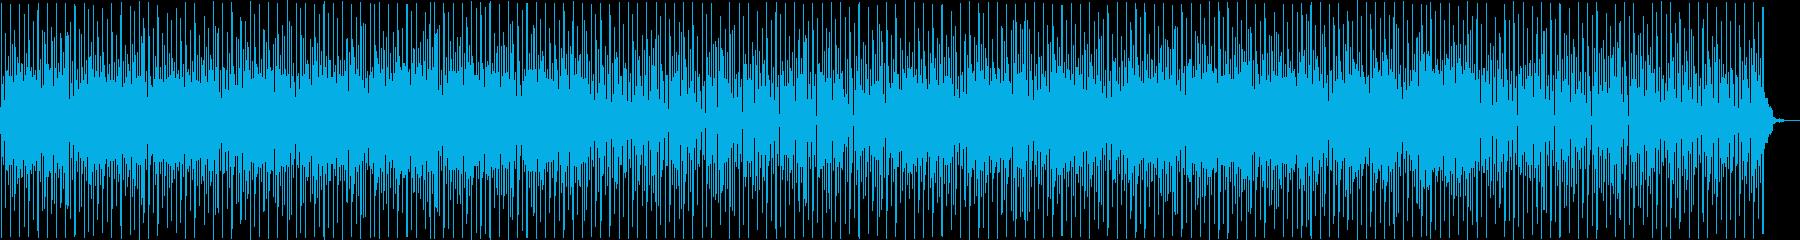 優しく楽しいポップスの再生済みの波形